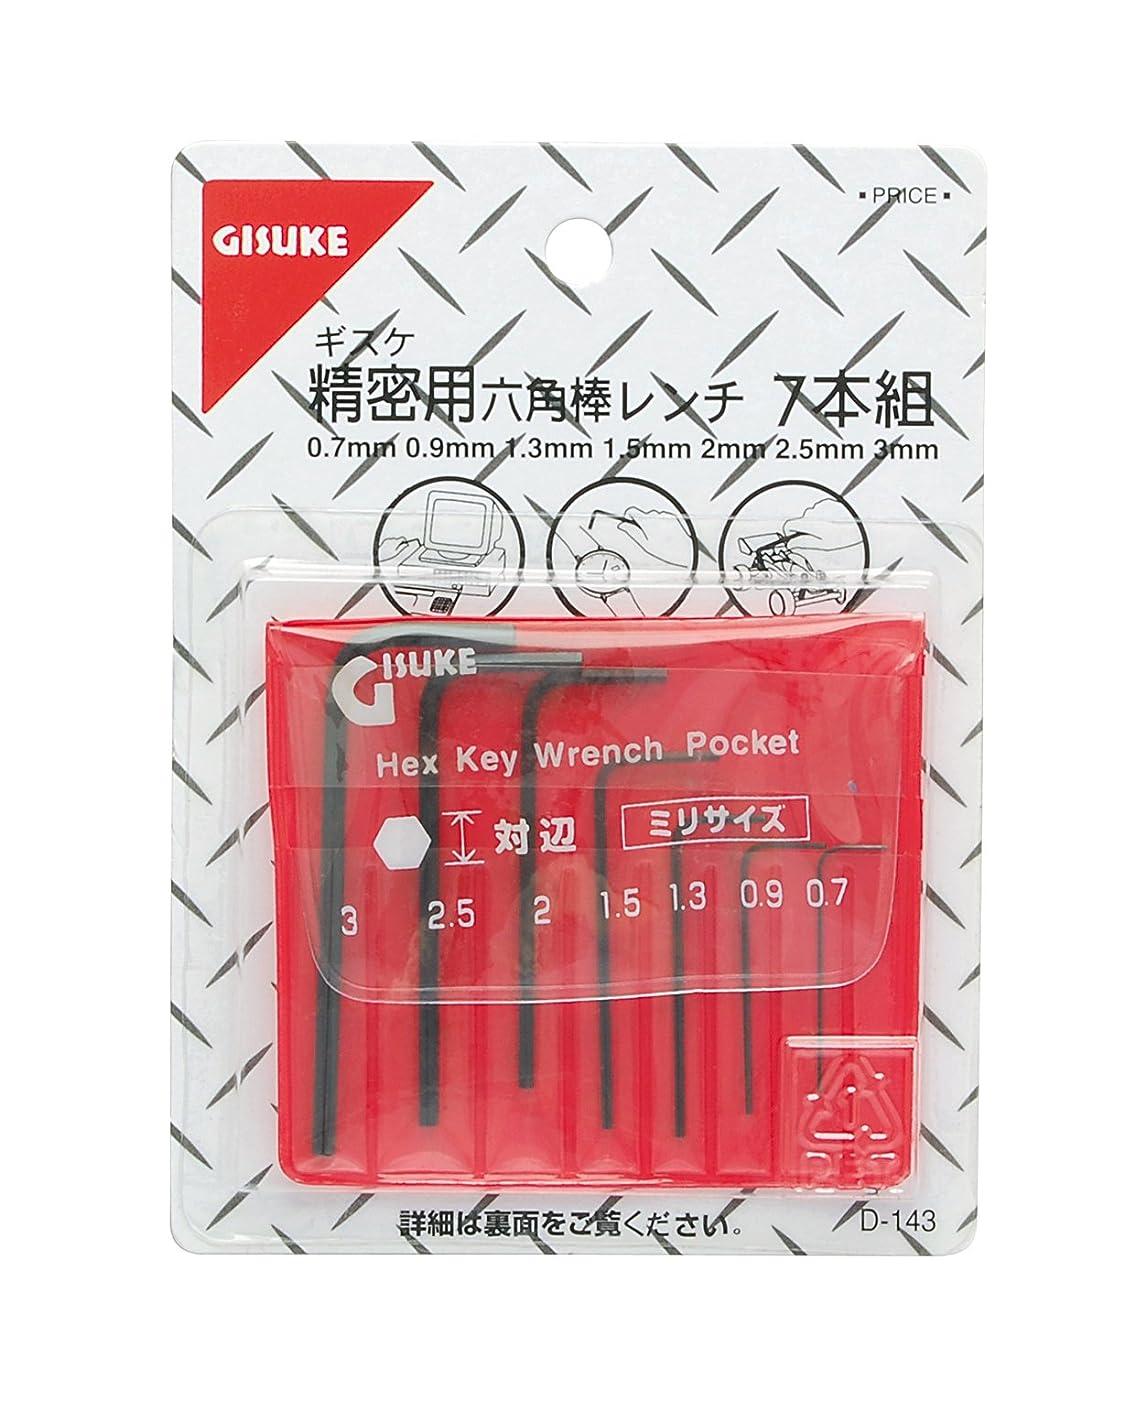 でる先史時代のレンジ高儀 GISUKE 精密用 六角棒レンチ 7本組